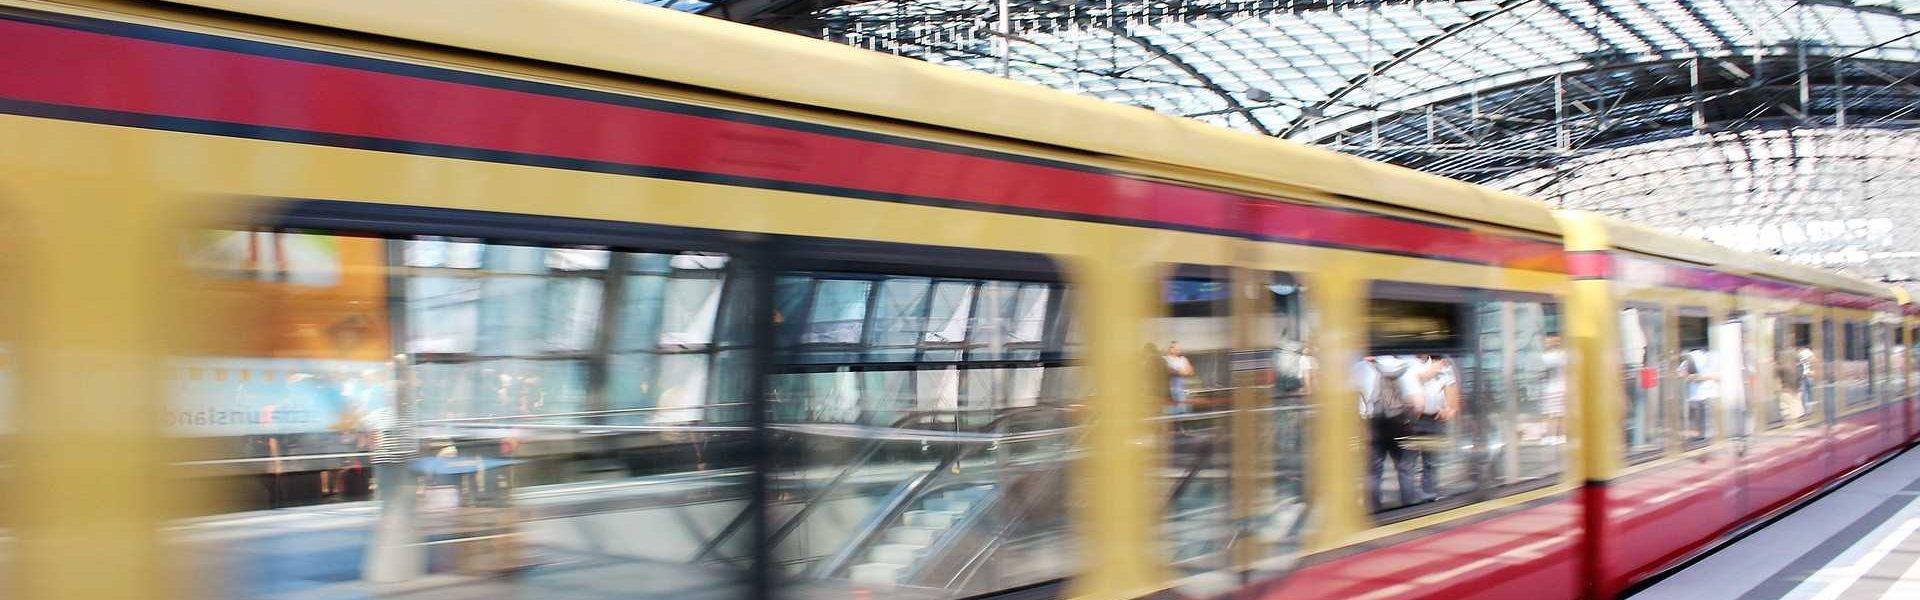 Berliner S-Bahn im Hauptbahnhof von unsplash.com